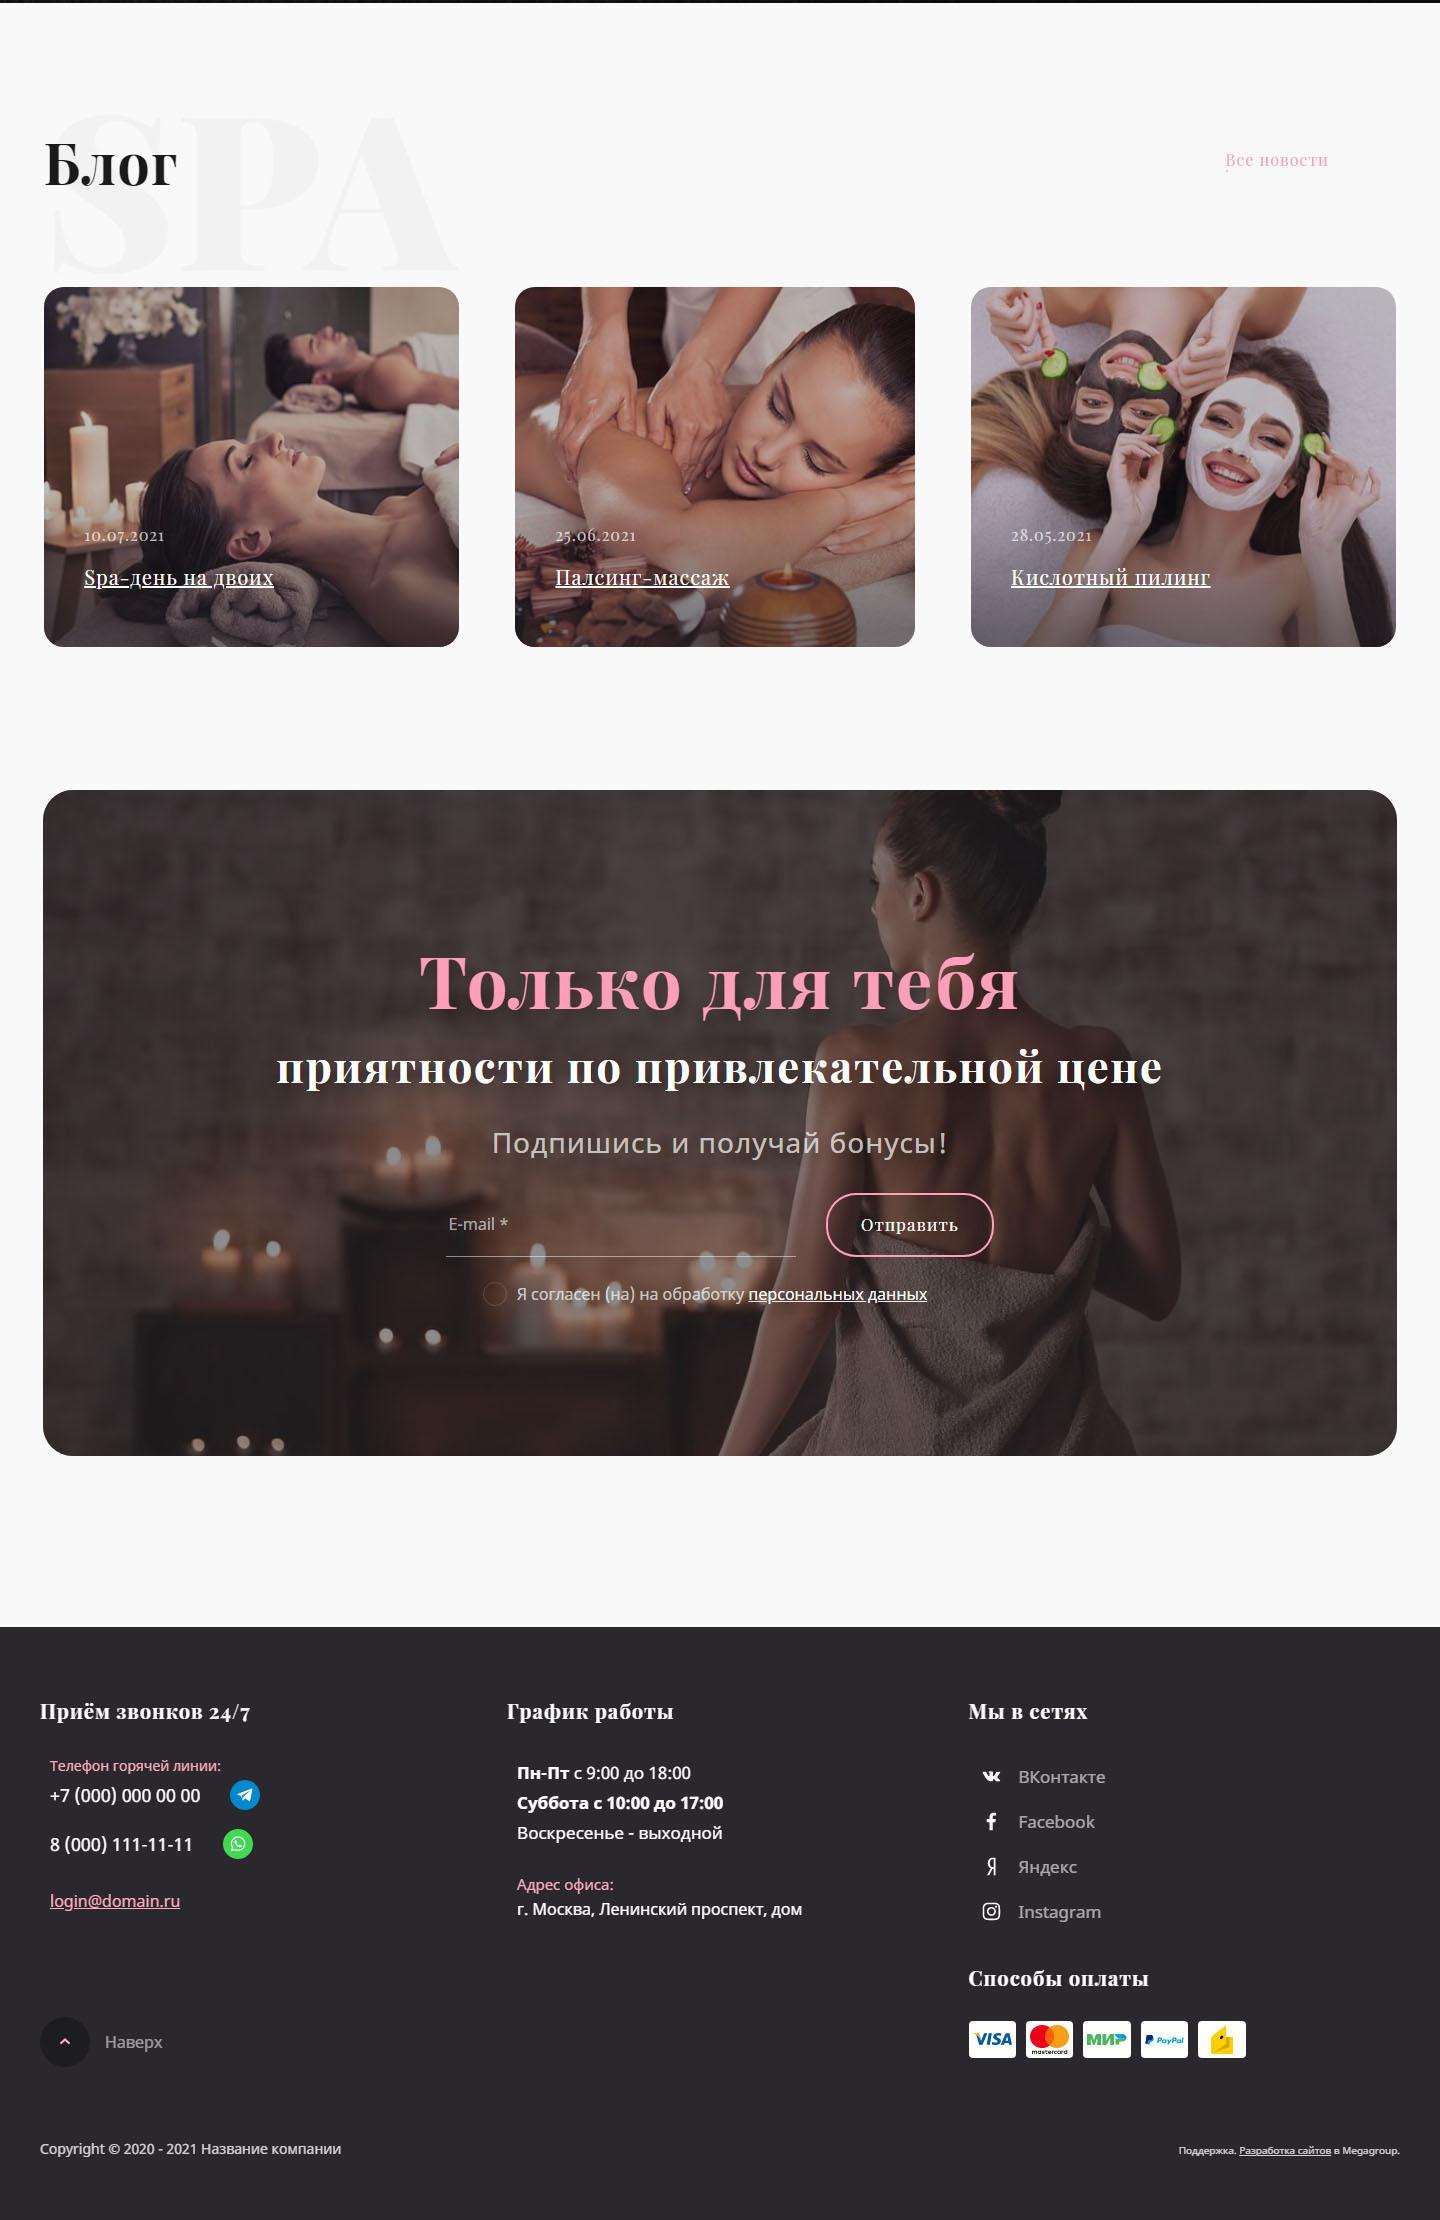 Готовый Интернет-магазин № 2901506 - Мини-магазин спа-услуг (Блог, Подписка и Контакты)